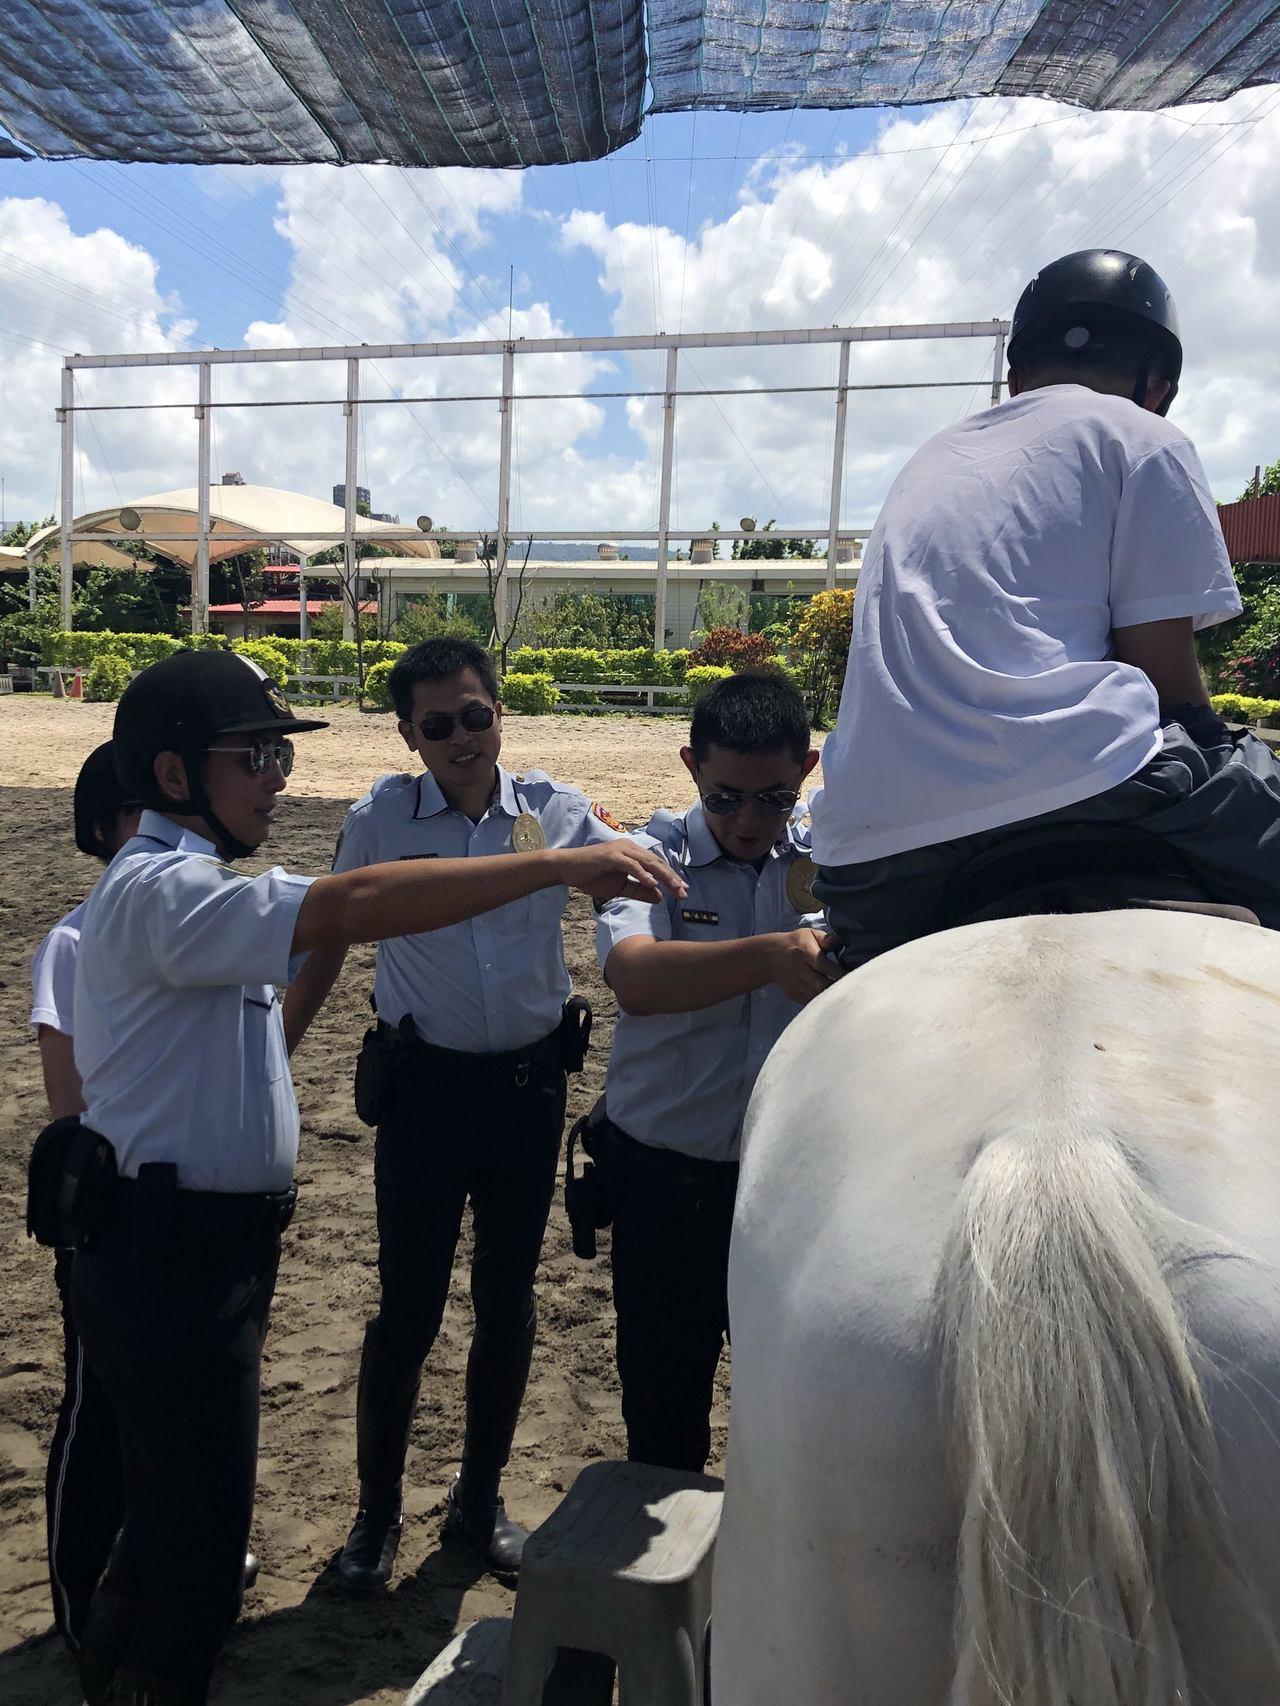 新北市騎警隊邀請唐氏症學員坐上馬背,體驗奔馳感。記者袁志豪/翻攝